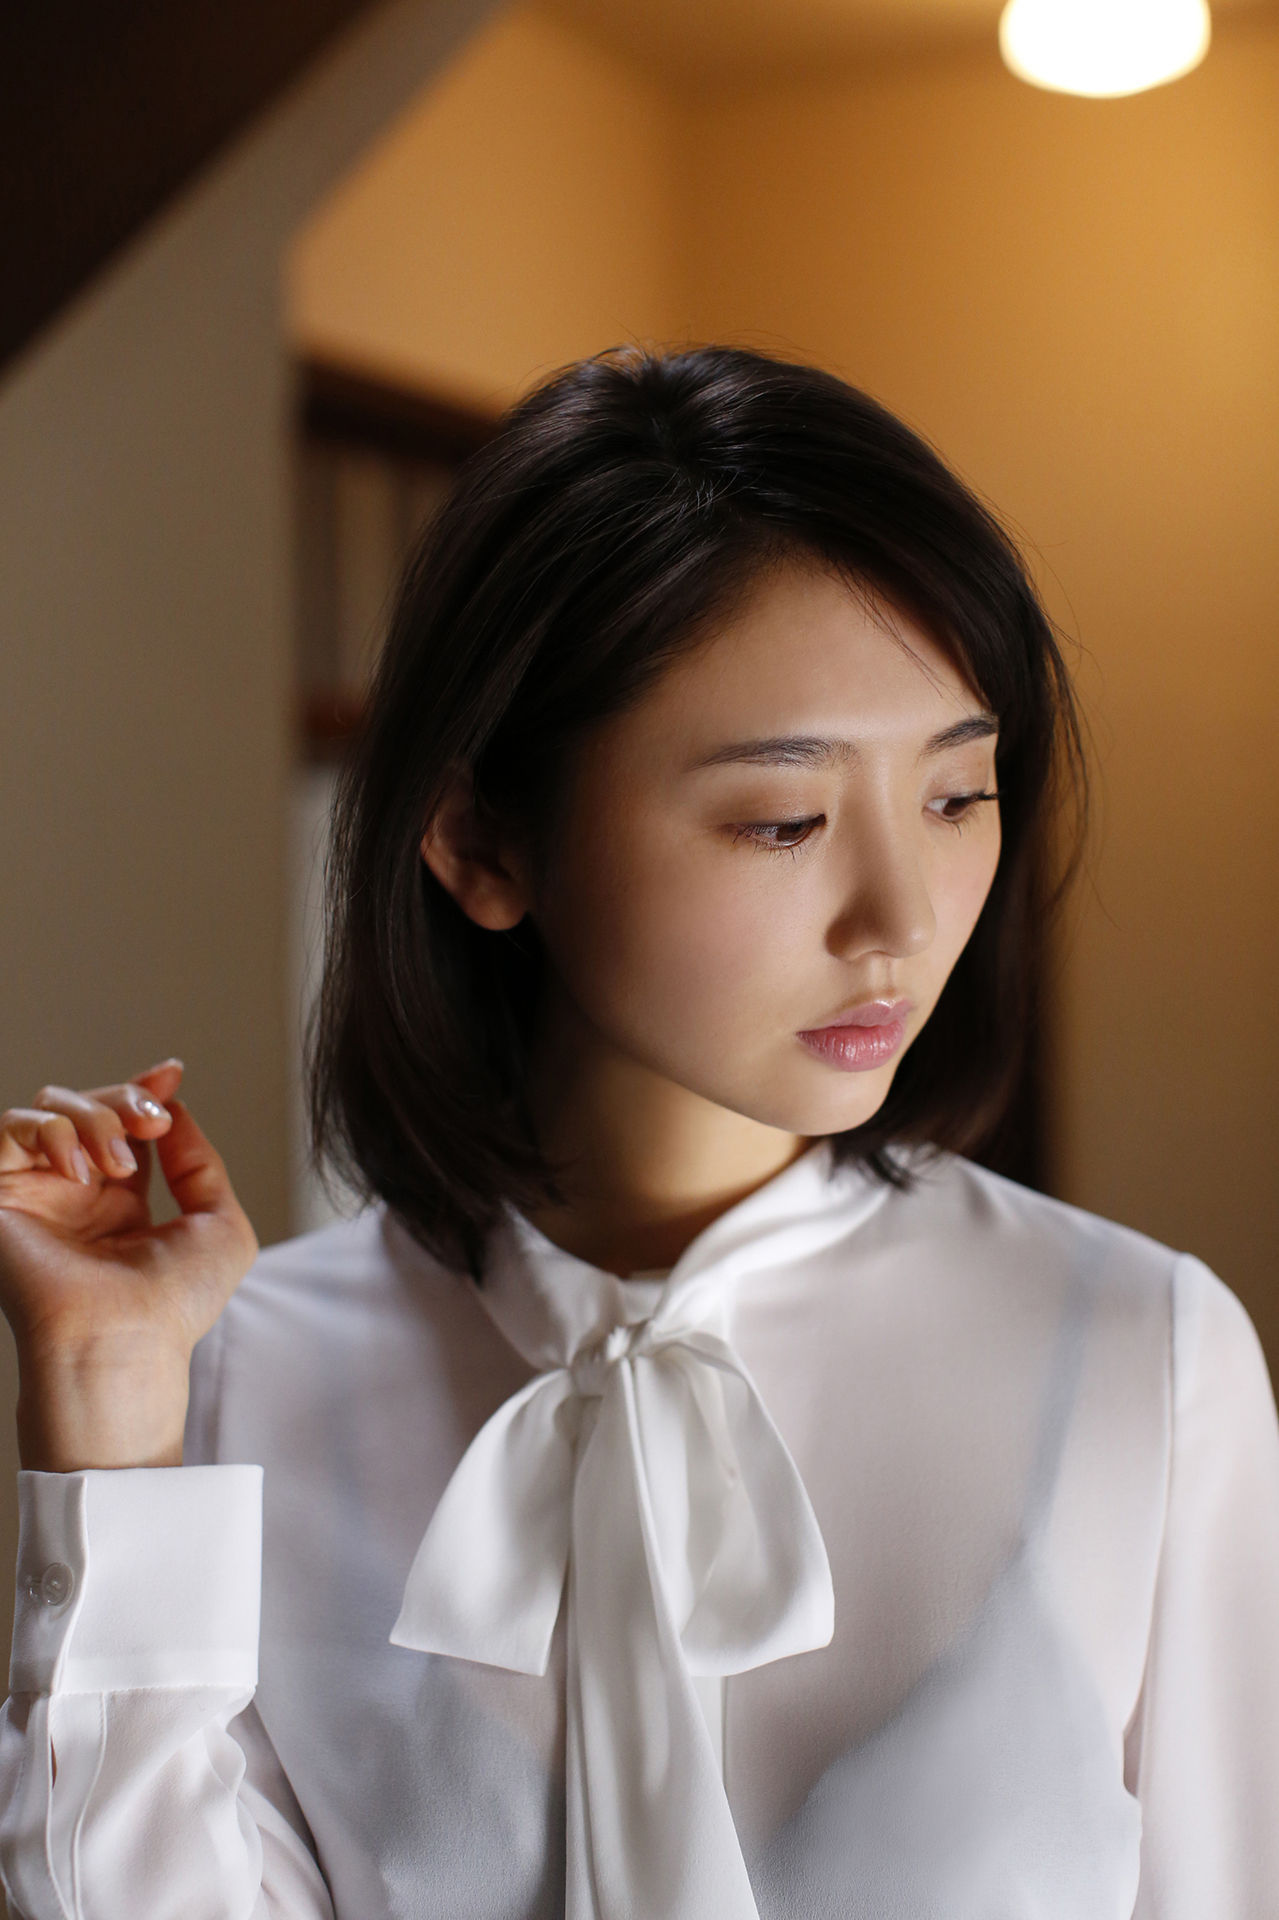 日本女星:小野乃乃香插图1